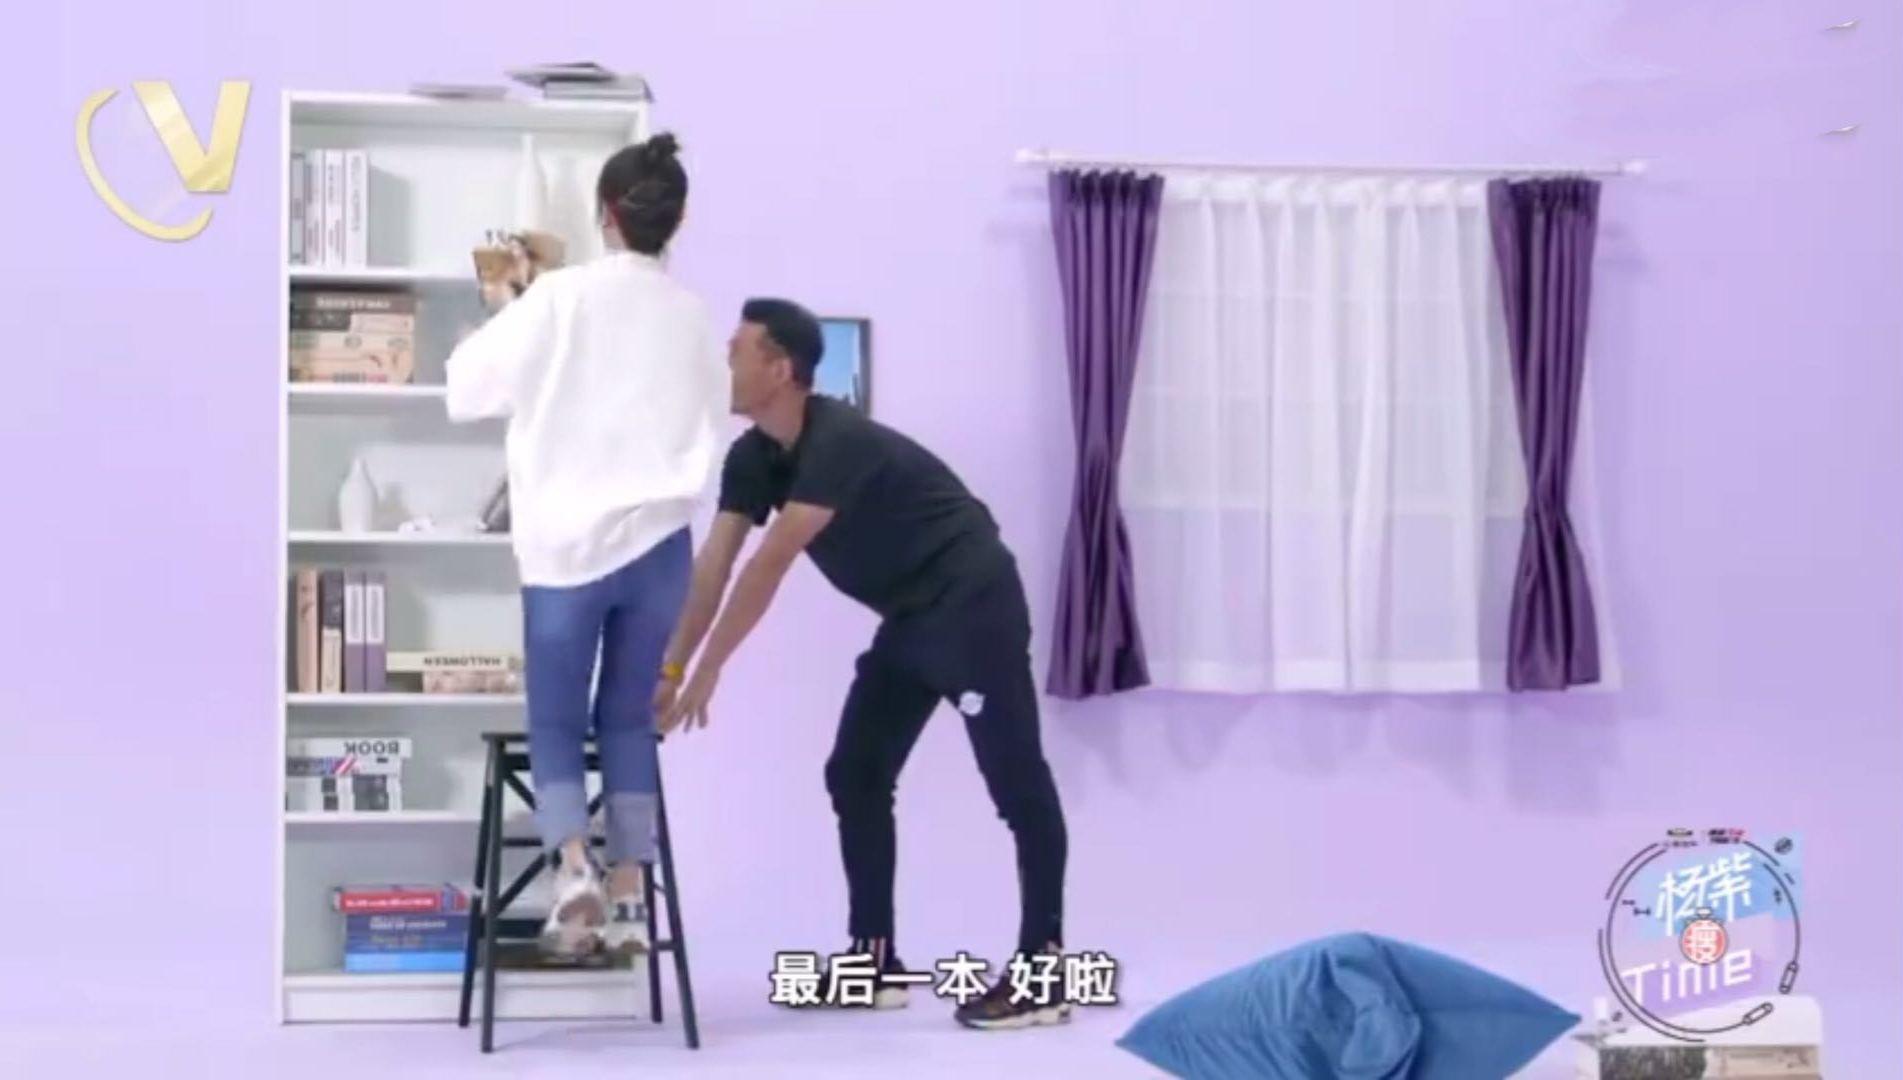 杨紫的教练这么温柔她以后的男朋友可能会有压力